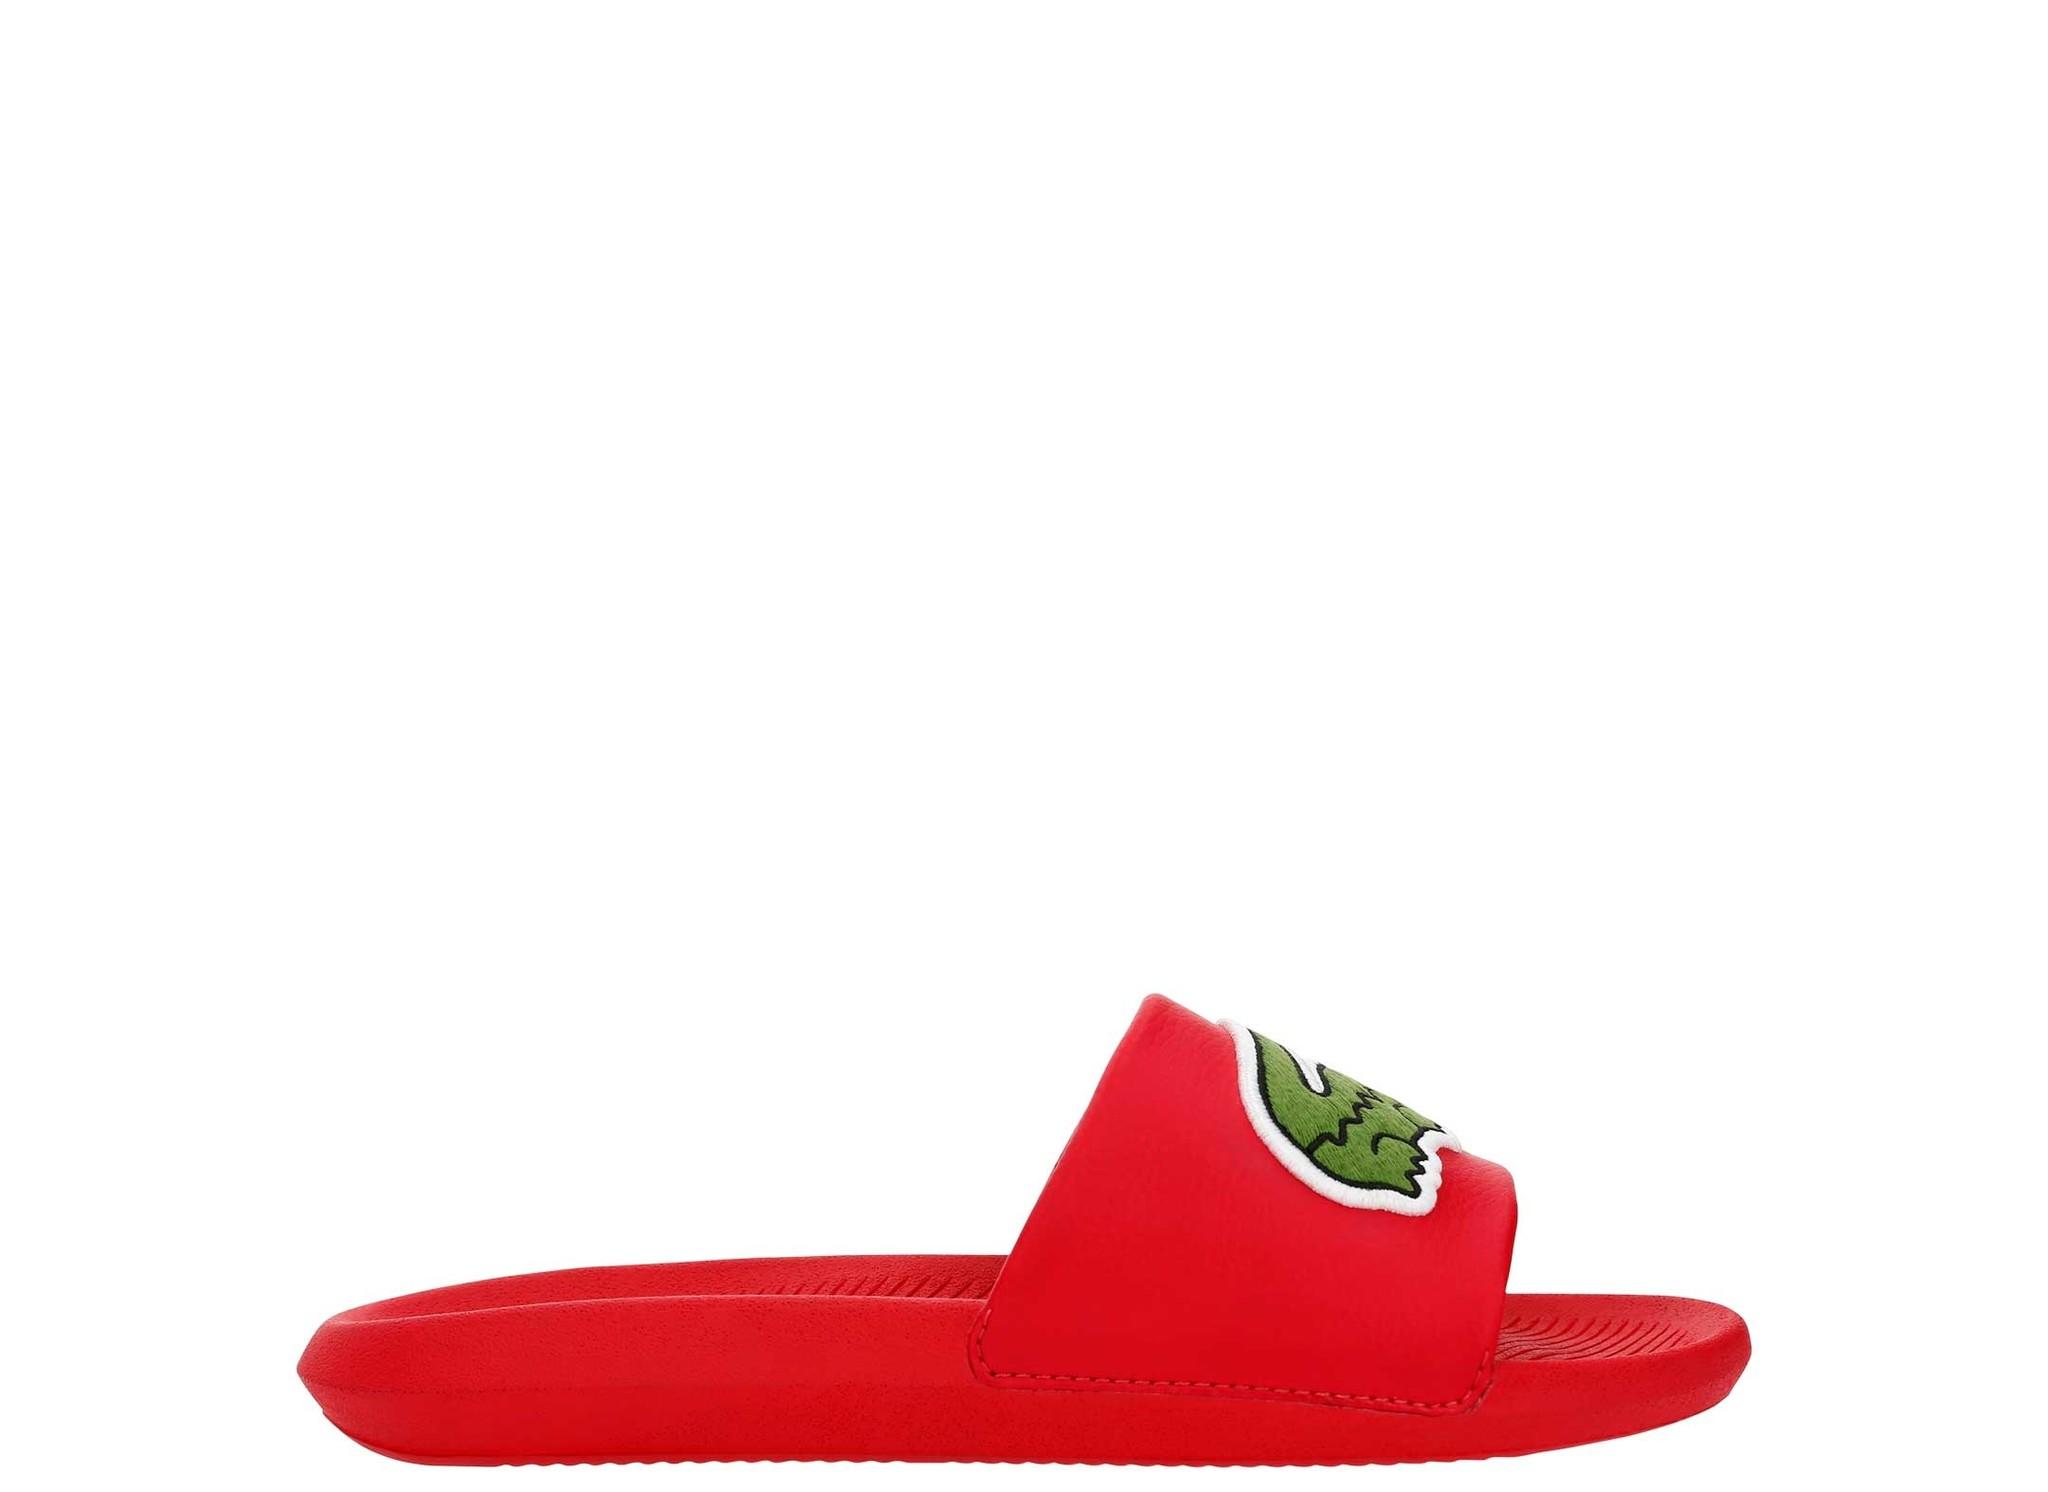 Croco Slide 319 4 Rood / Groen